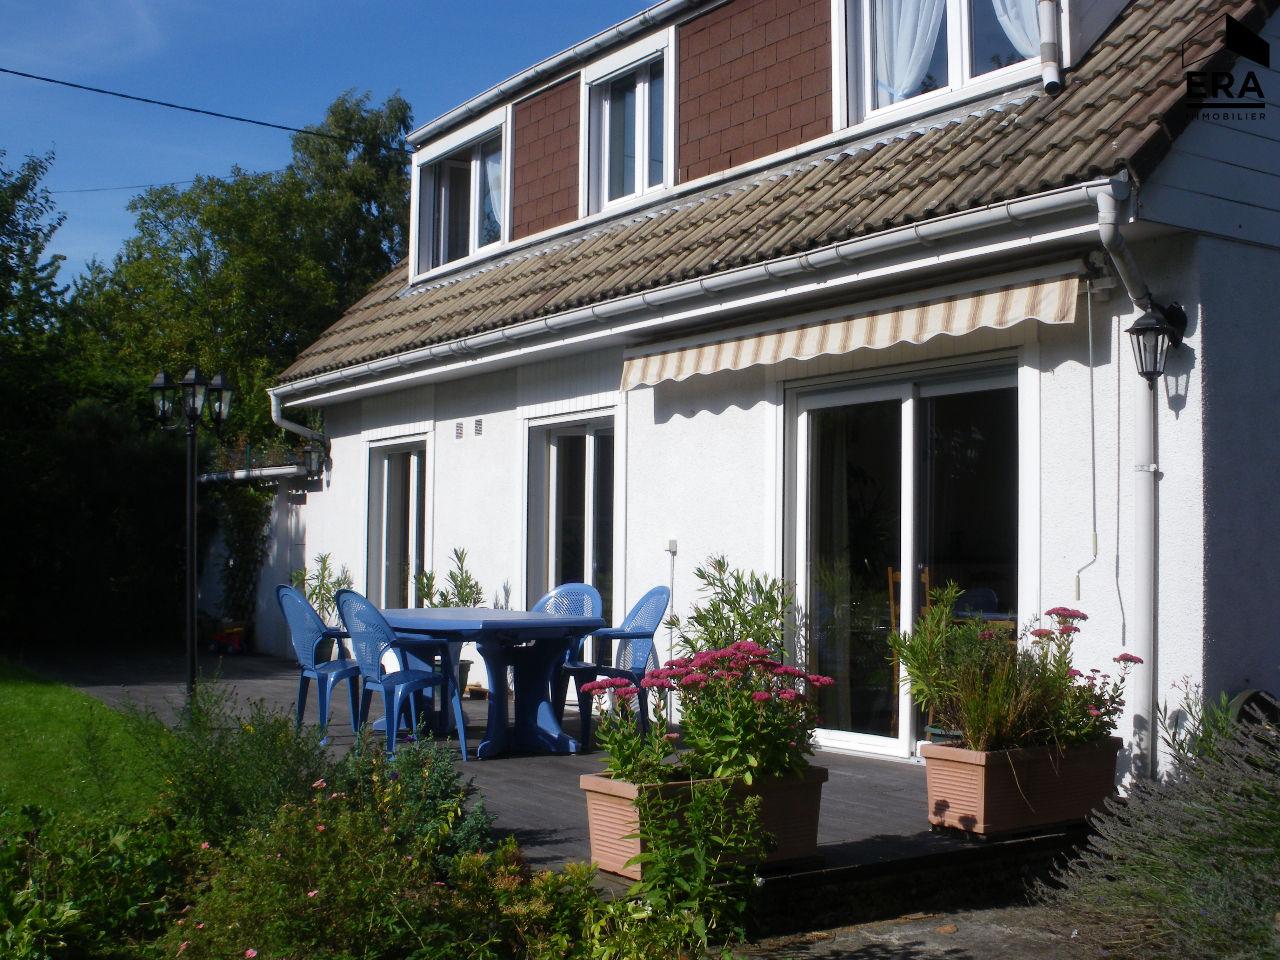 Maison saint quentin 7 pi ce s 123 m2 saint quentin 02100 for Saint quentin immobilier